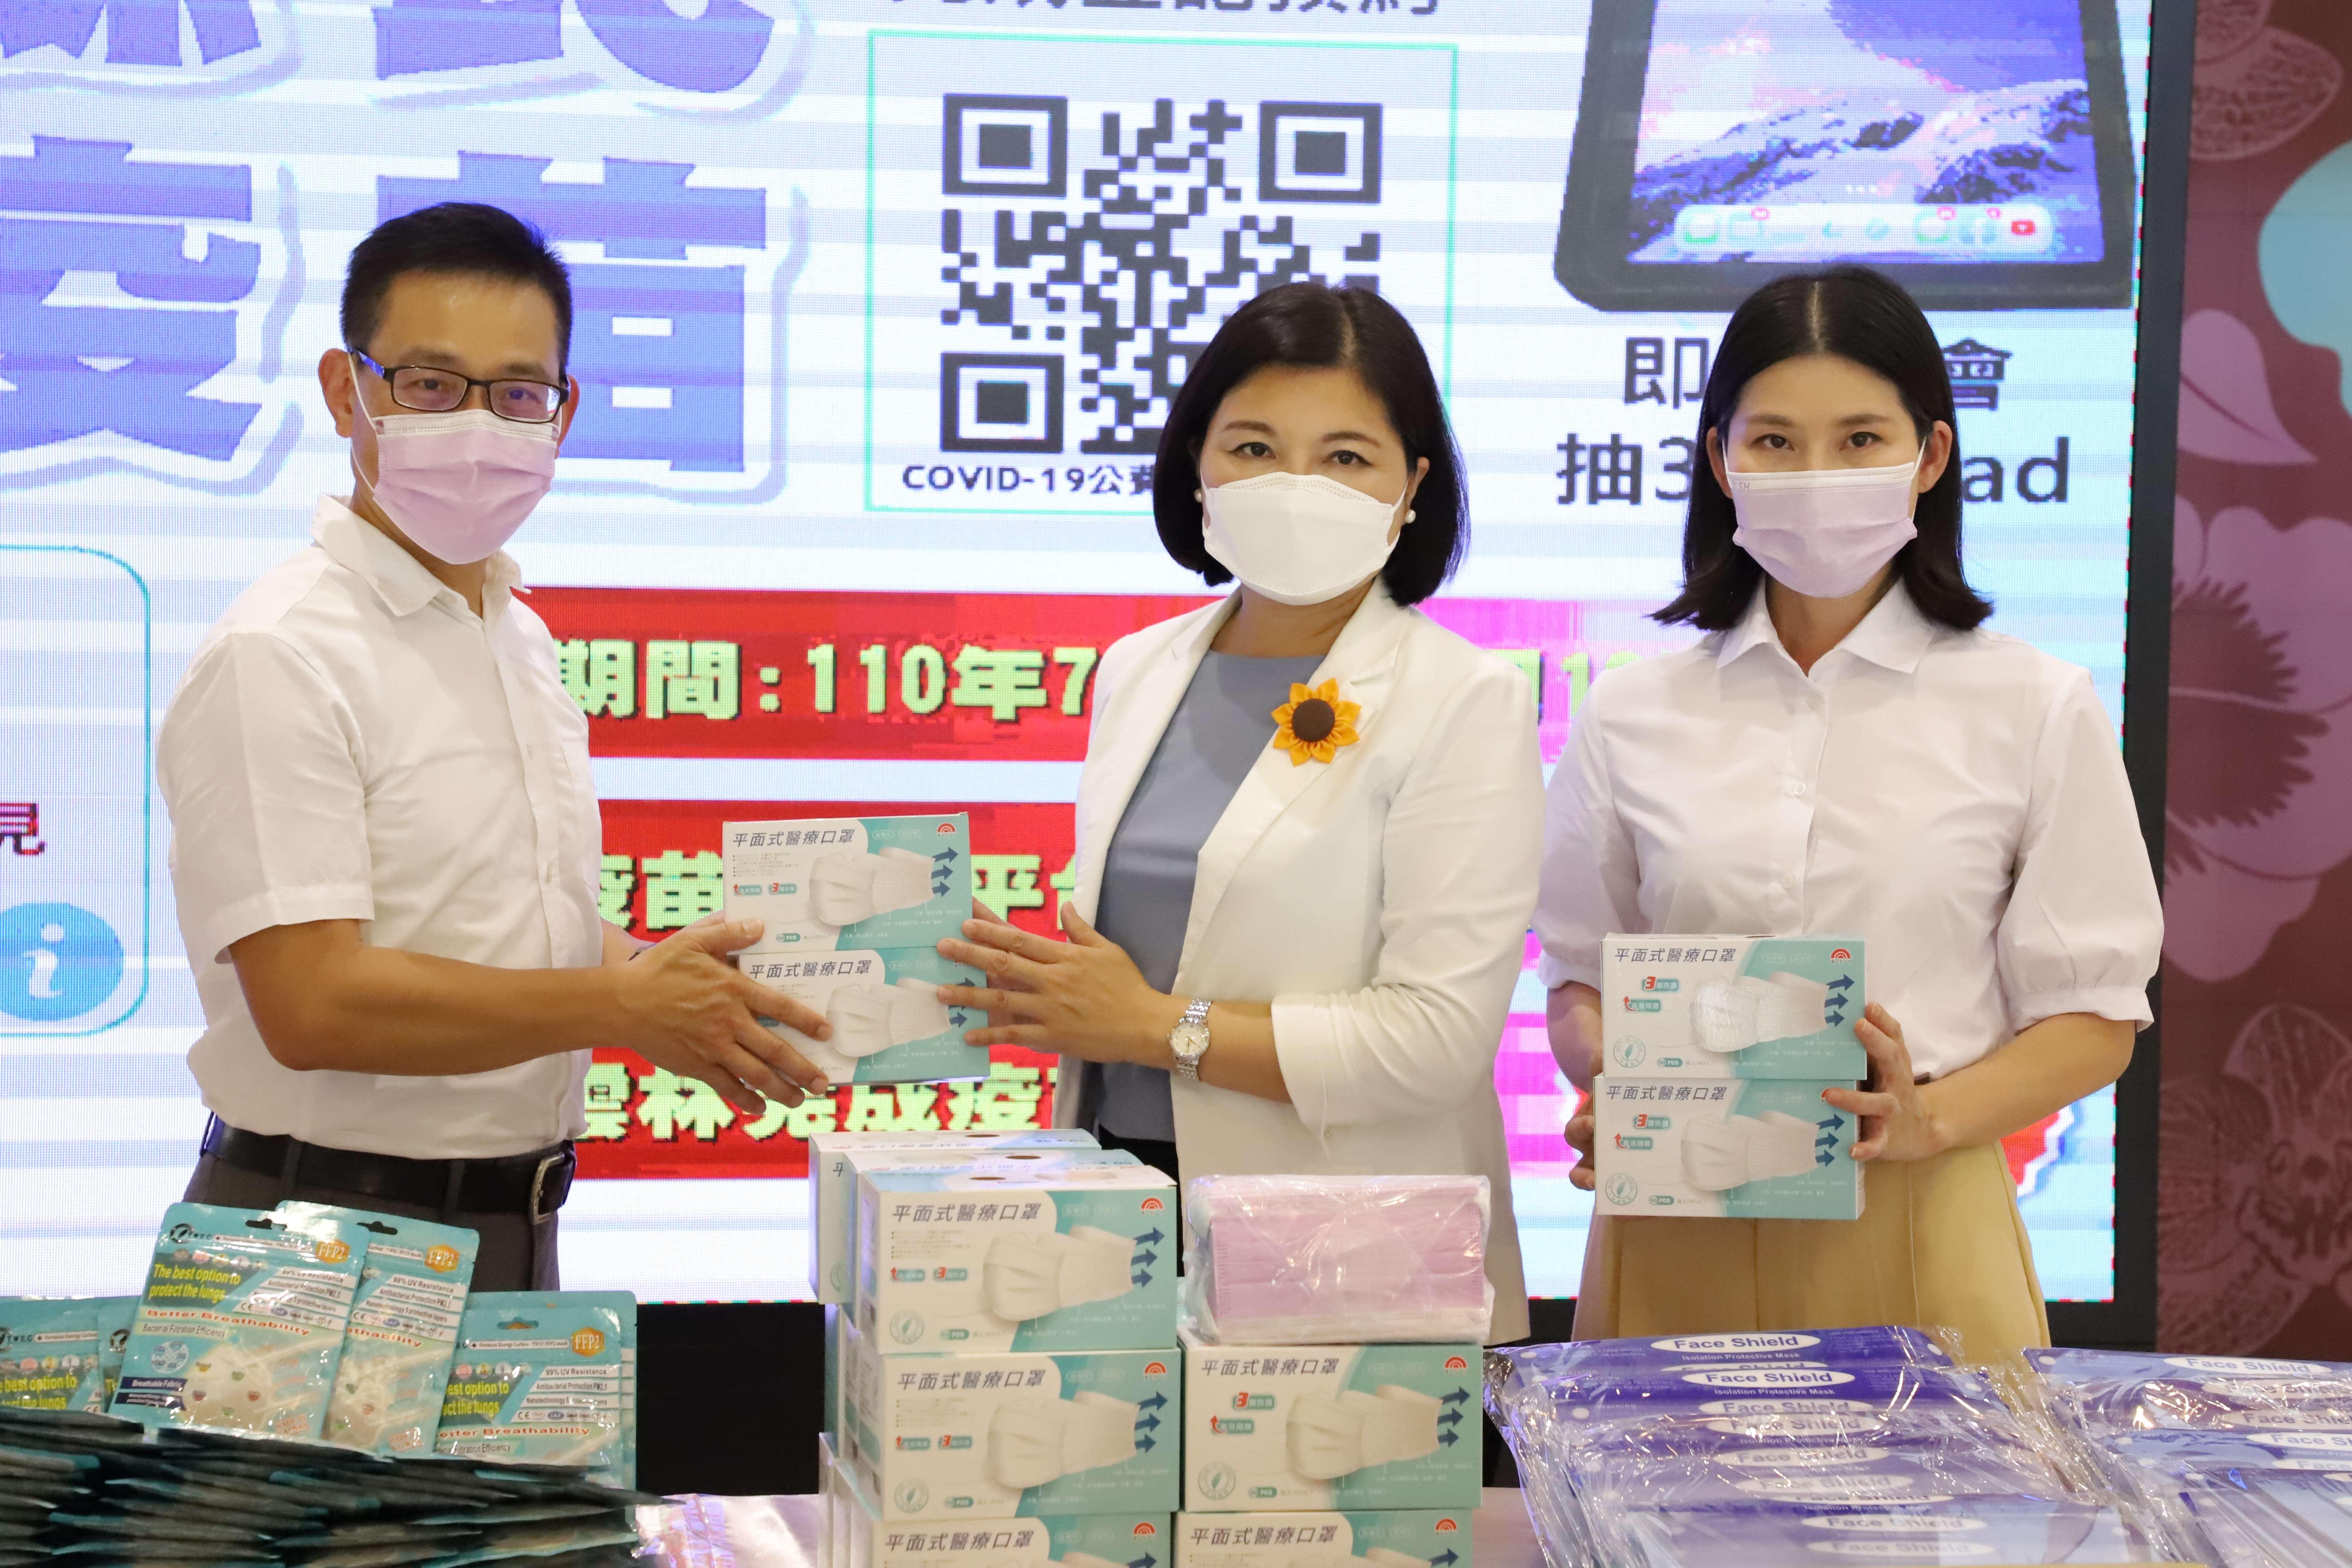 旭然國際有限公司捐贈2萬片醫療口罩給雲林縣政府,由縣長張麗善代表接受。